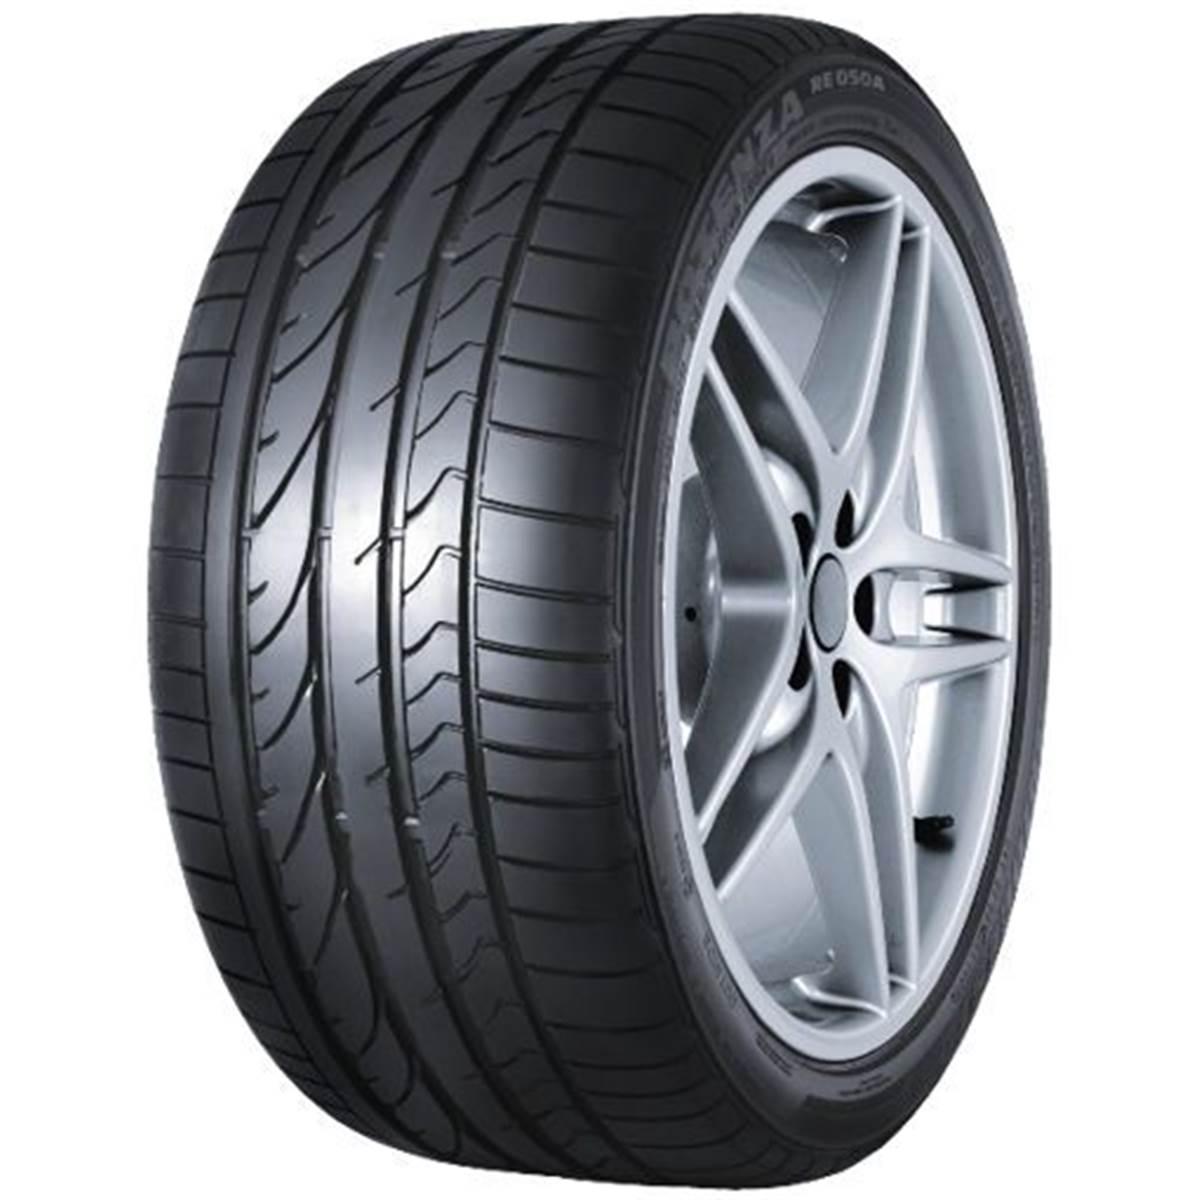 Pneu Bridgestone 295/35R18 99Y Potenza Re050